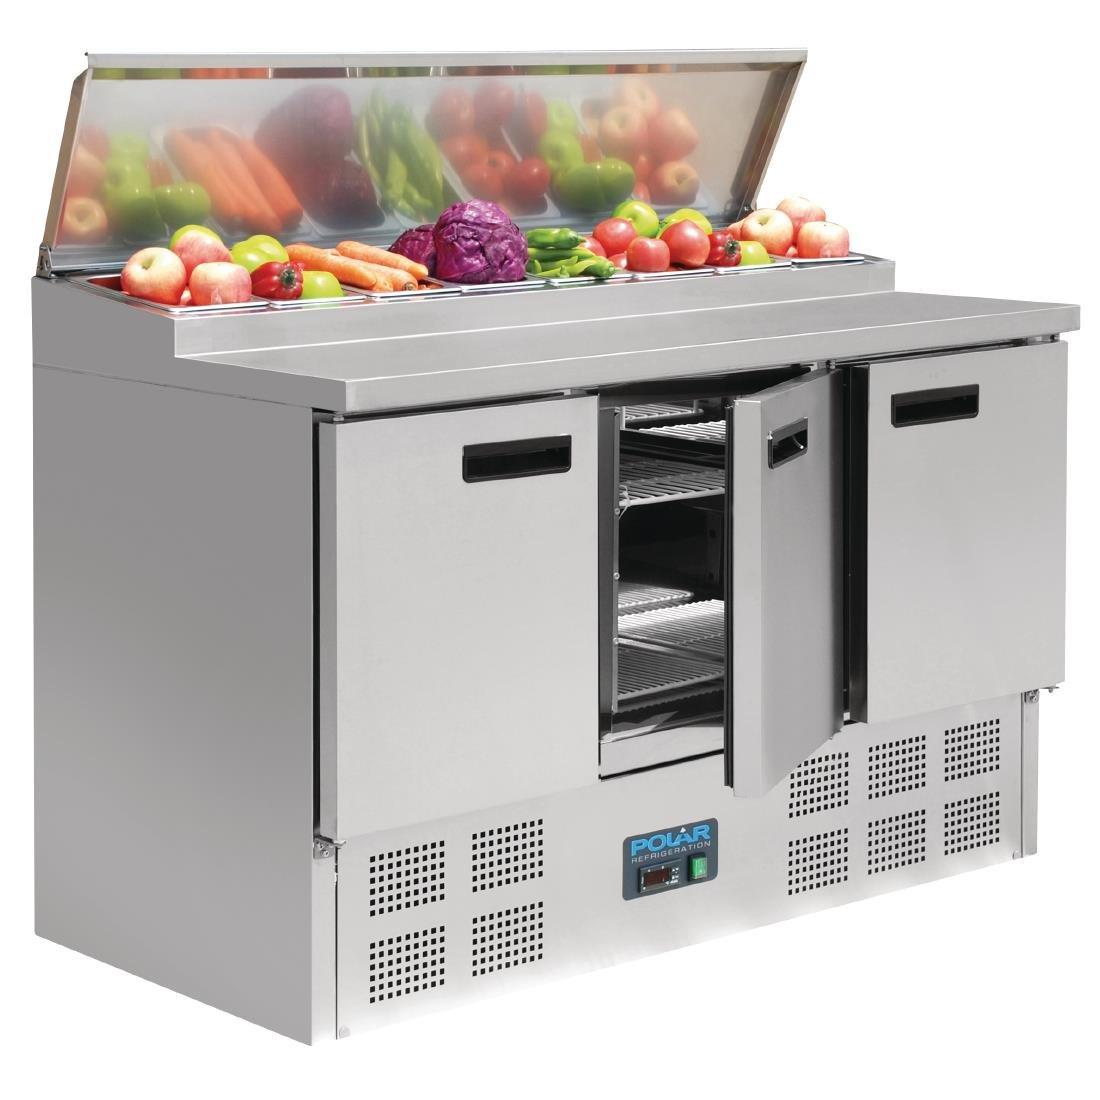 Polar gekühlte Saladette und Pizzatisch 390 Liter (Silber)